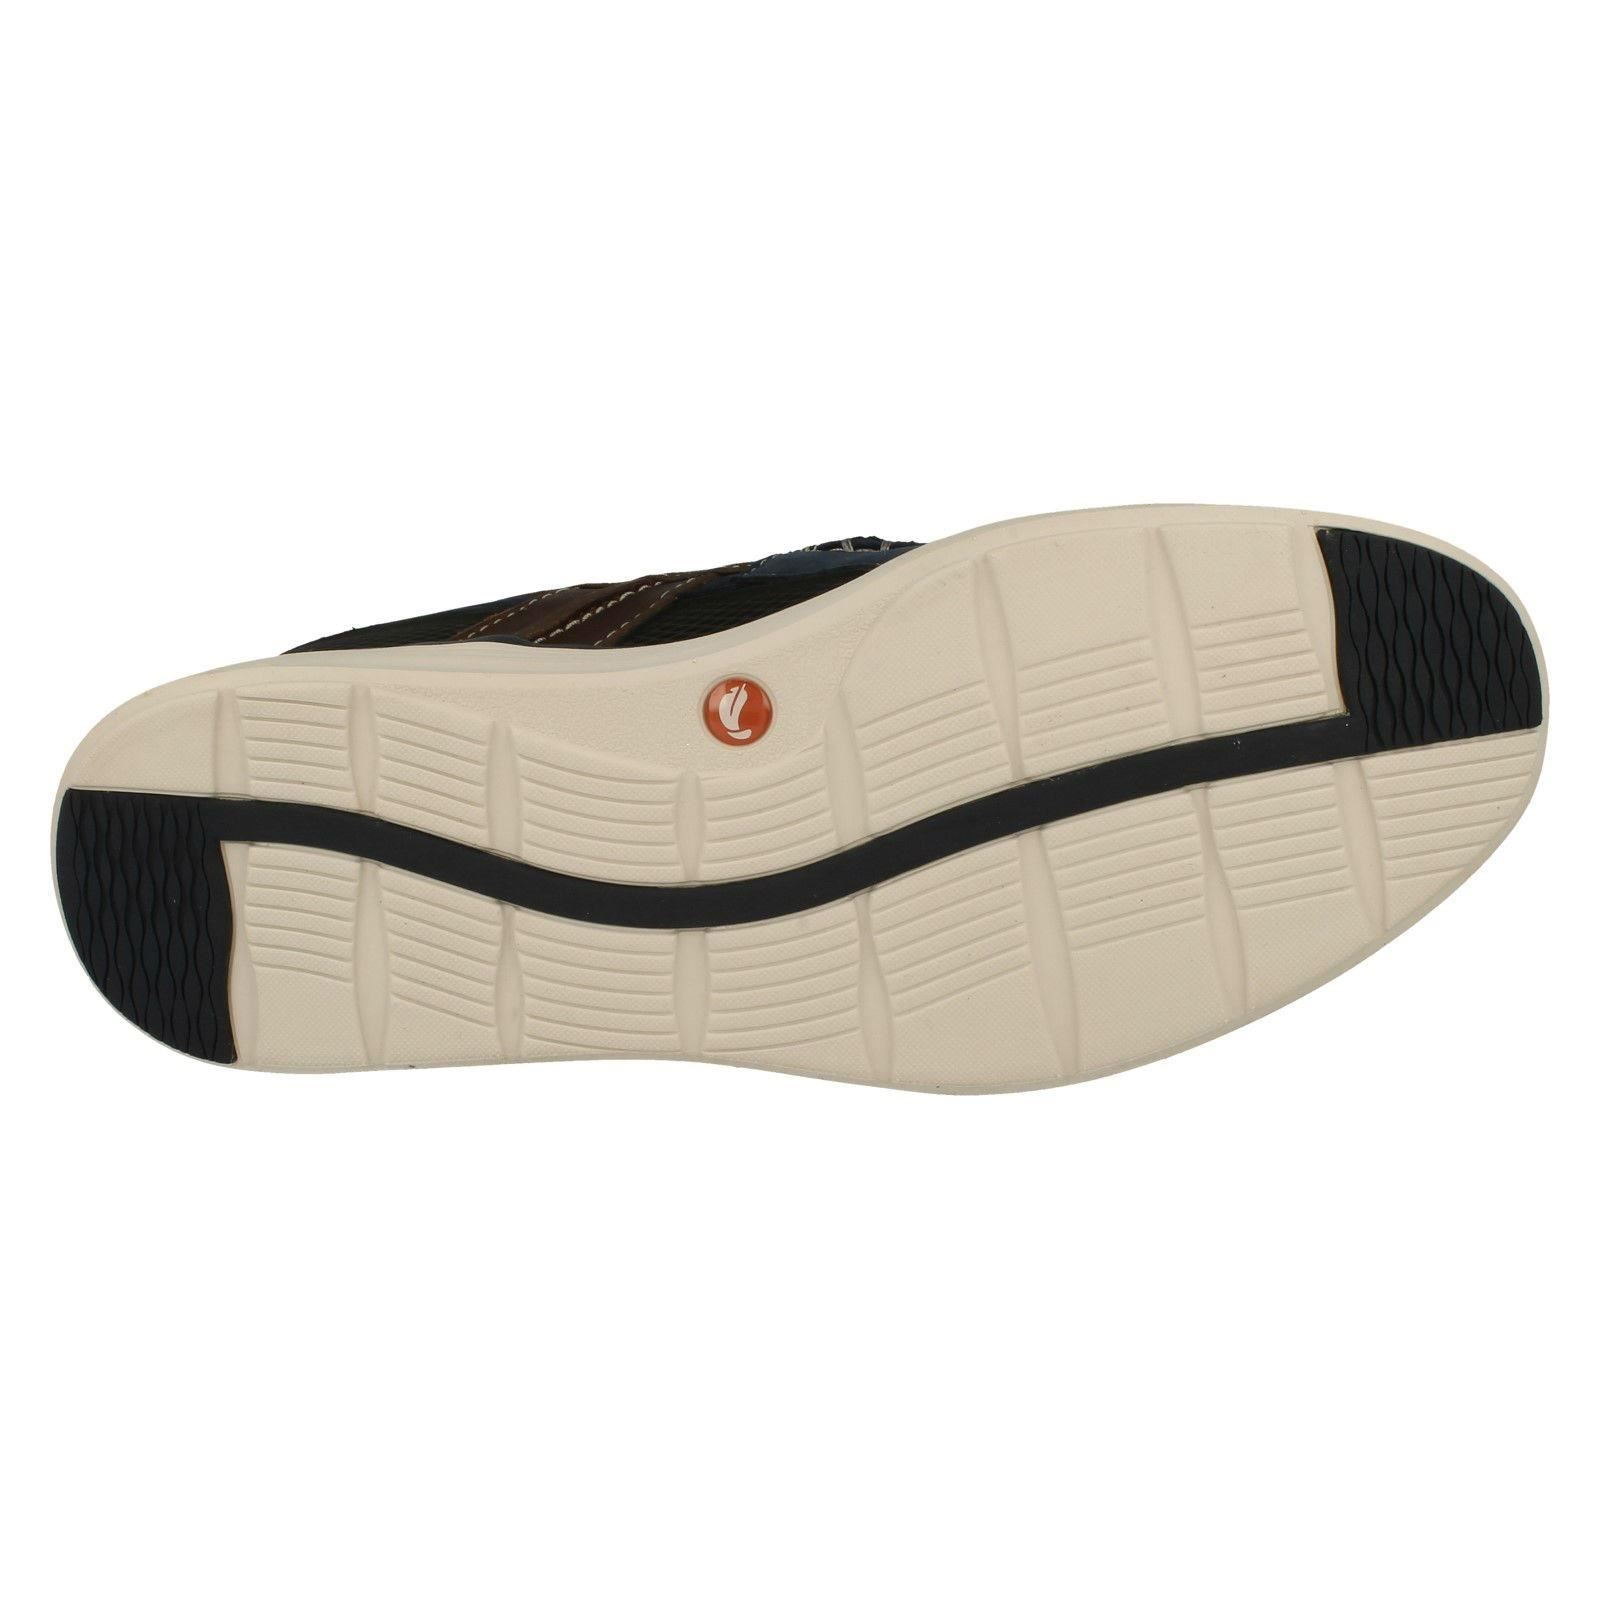 Herren Clarks - Casual Slip On Schuhes - Clarks Un Abode Free c3ce99